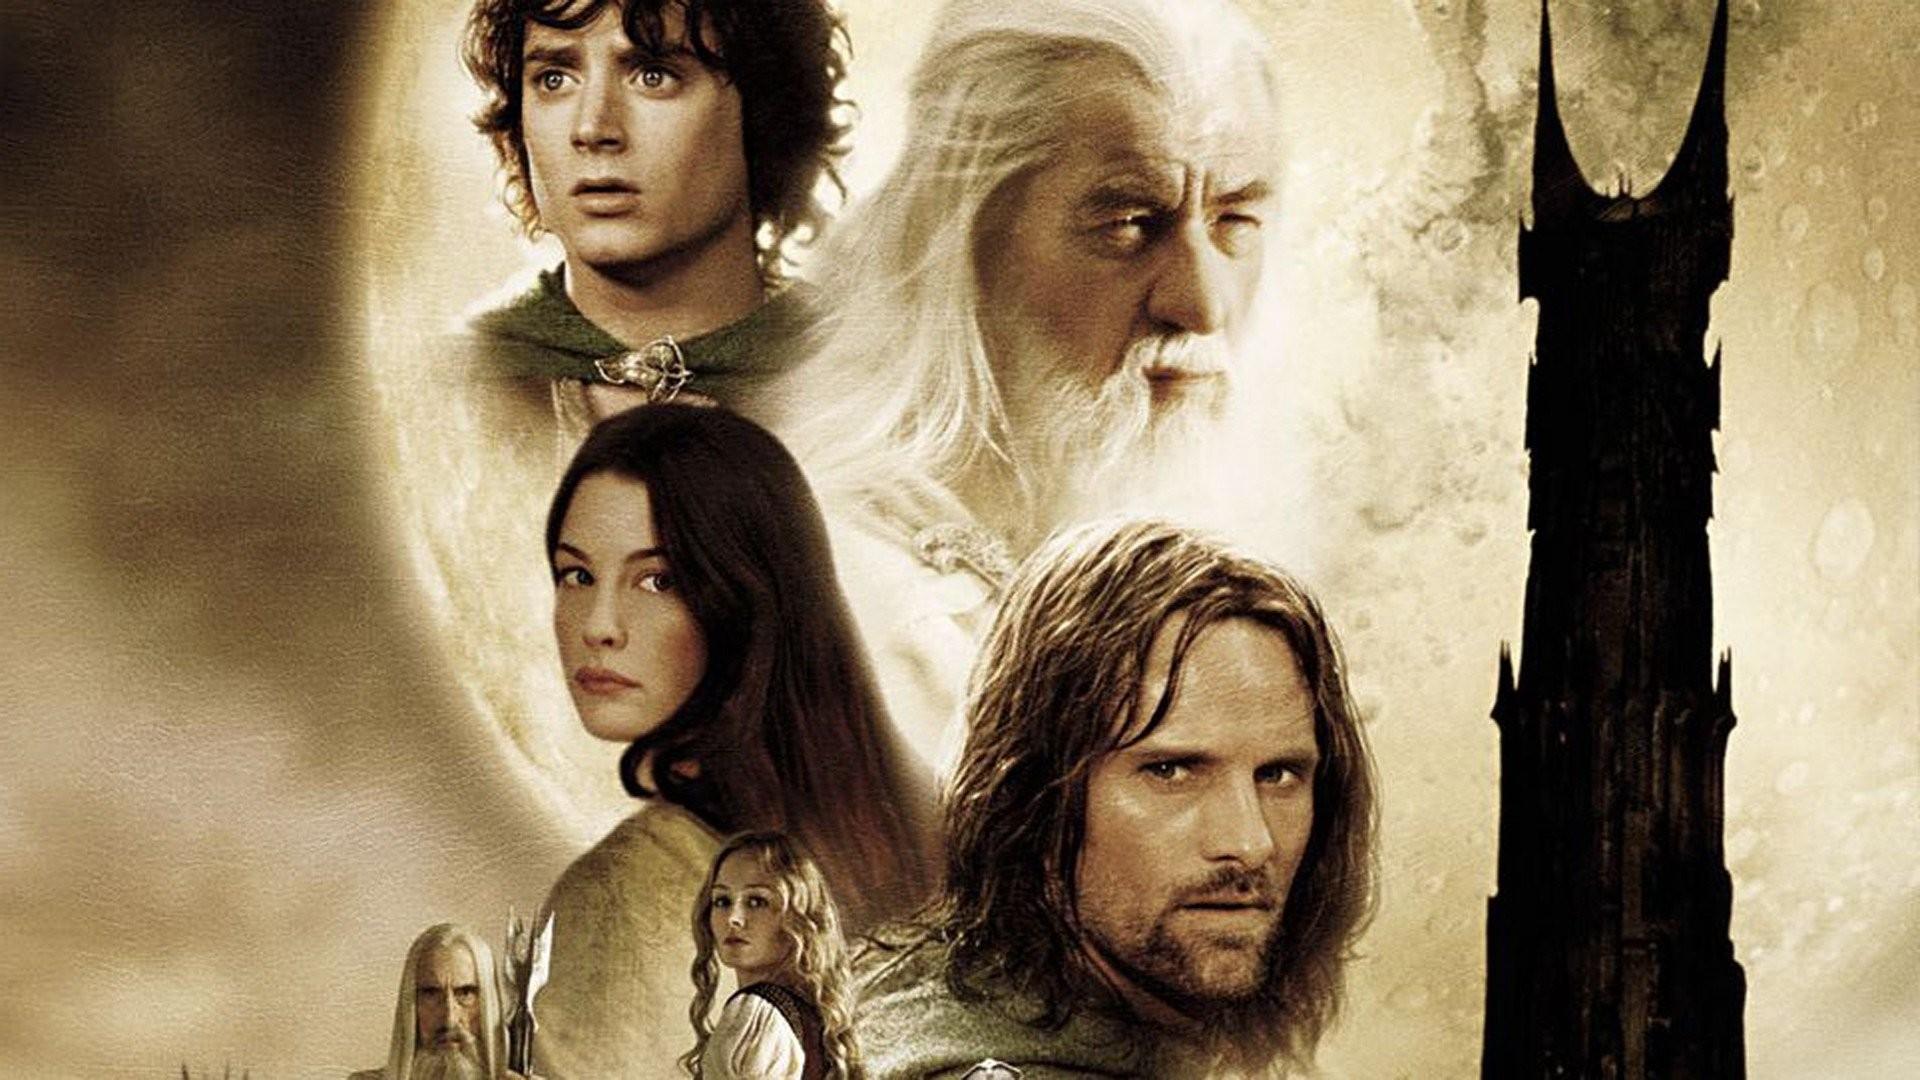 Res: 1920x1080, Aragorn HD Wallpaper 14 - 1920 X 1080